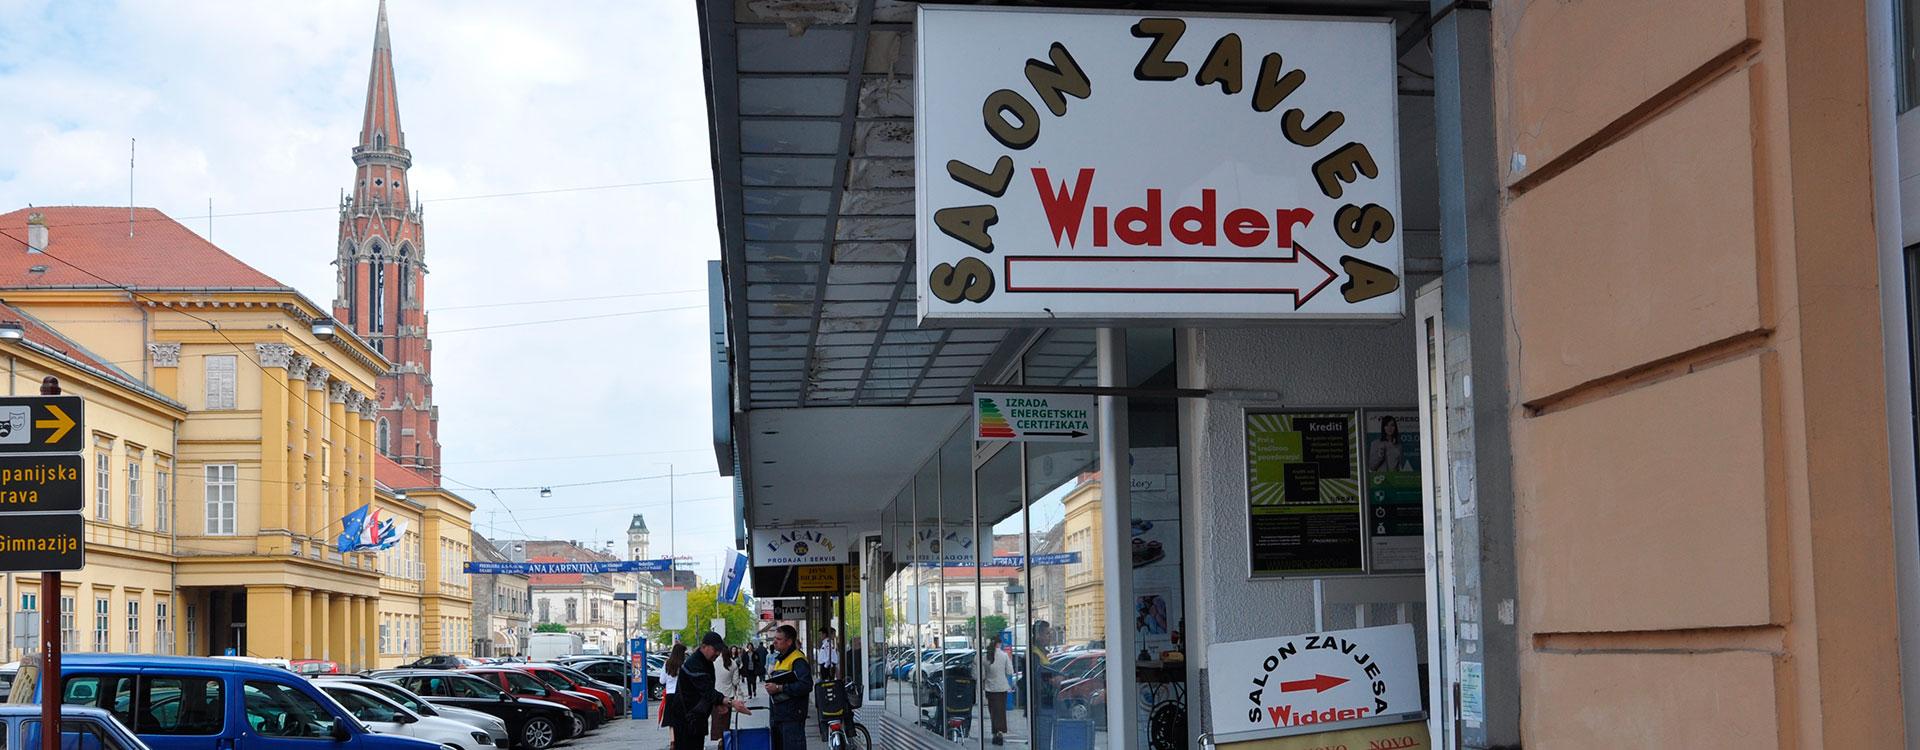 Nalazimo se u samome centru grada Osijeka